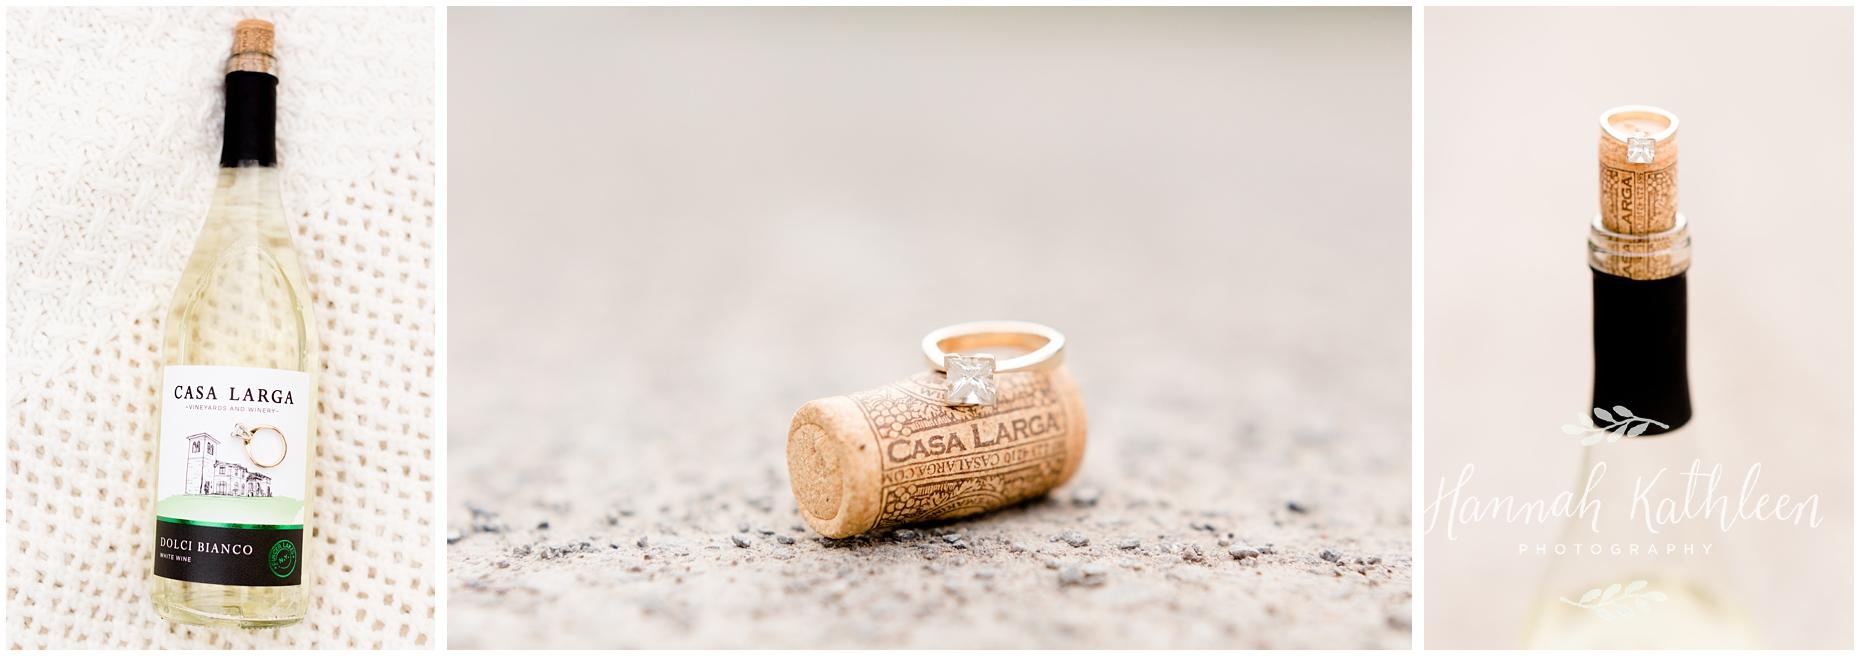 Rob_Lesen_Boat_Engagement_Session_Casa_Larga_Wine_Bottle_NY